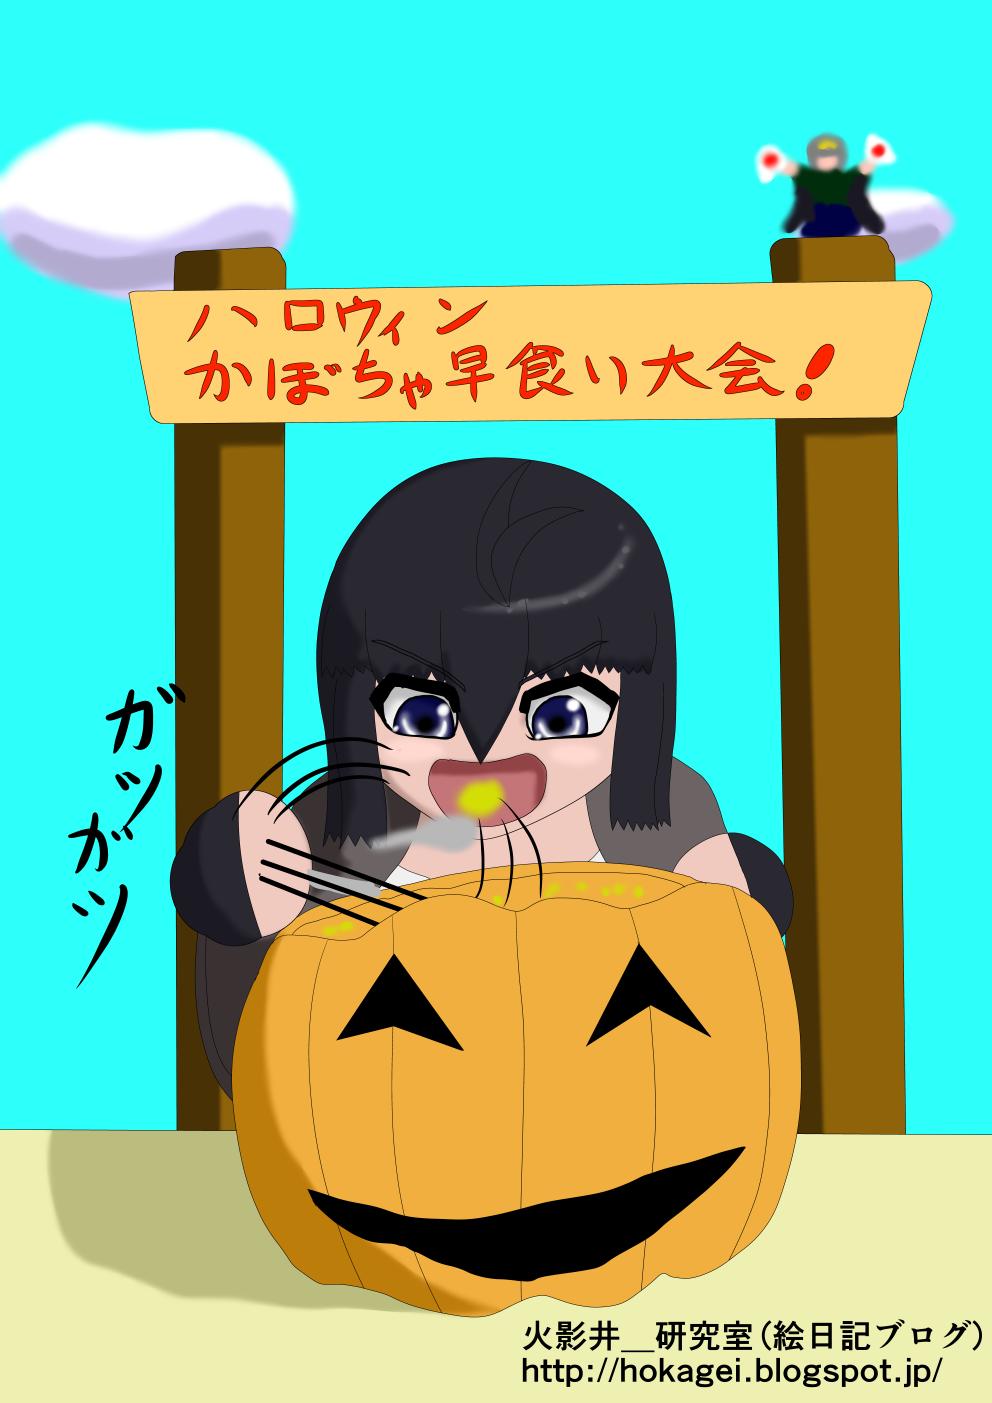 かぼちゃの早食い(八雲楓)